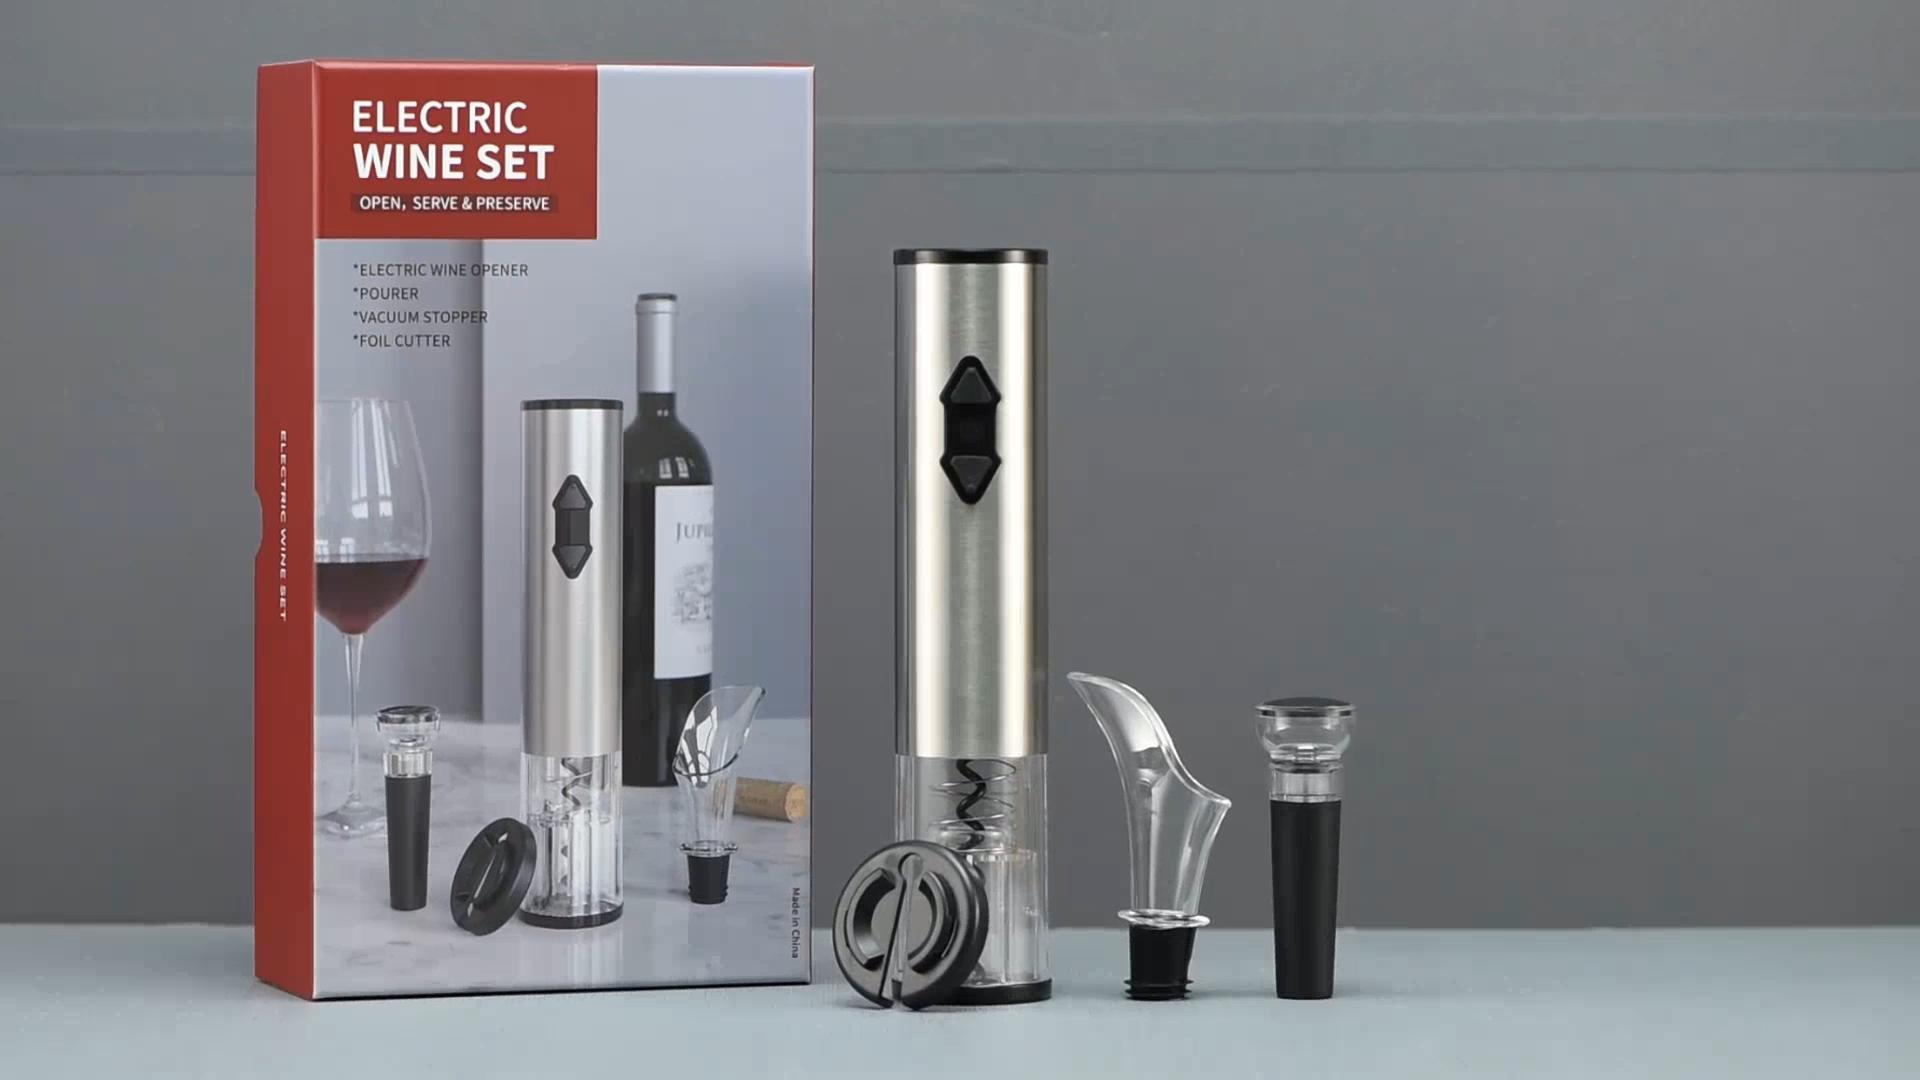 Technologie produkte elektrische korkenzieher set geschenk artikel 4 in 1 wein werkzeuge werbe geschenk set